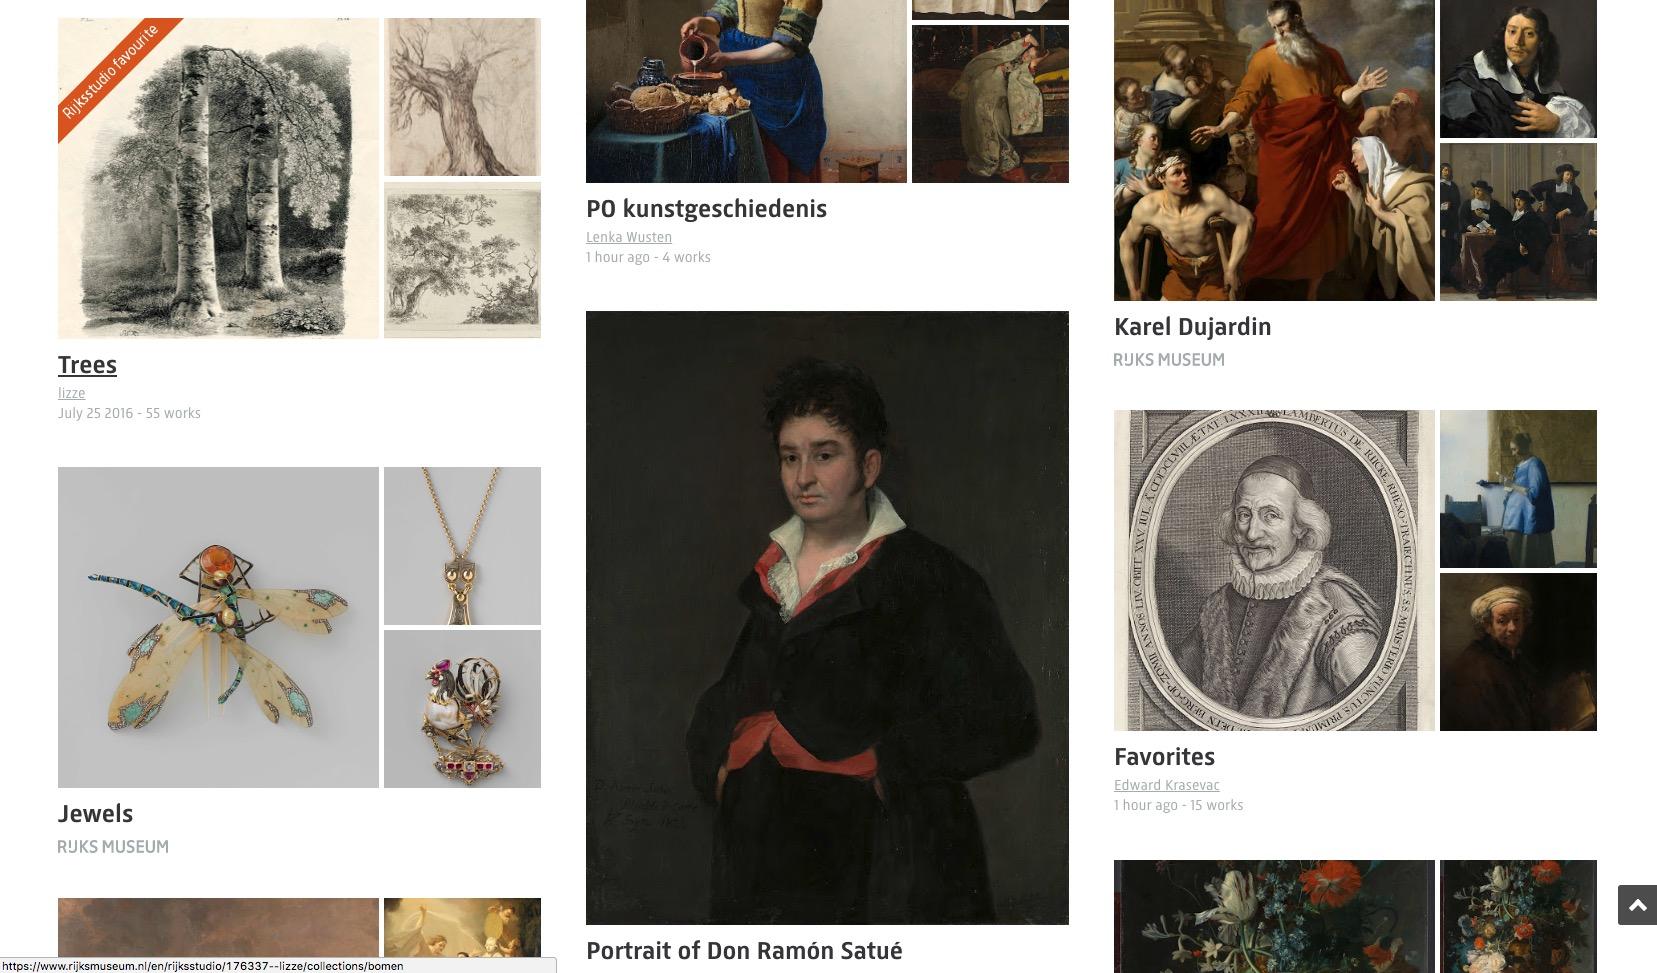 Illustrazioni, dipinti, gioielli, incisioni, mobili abiti: tra le migliaia di opere c'è di tutto